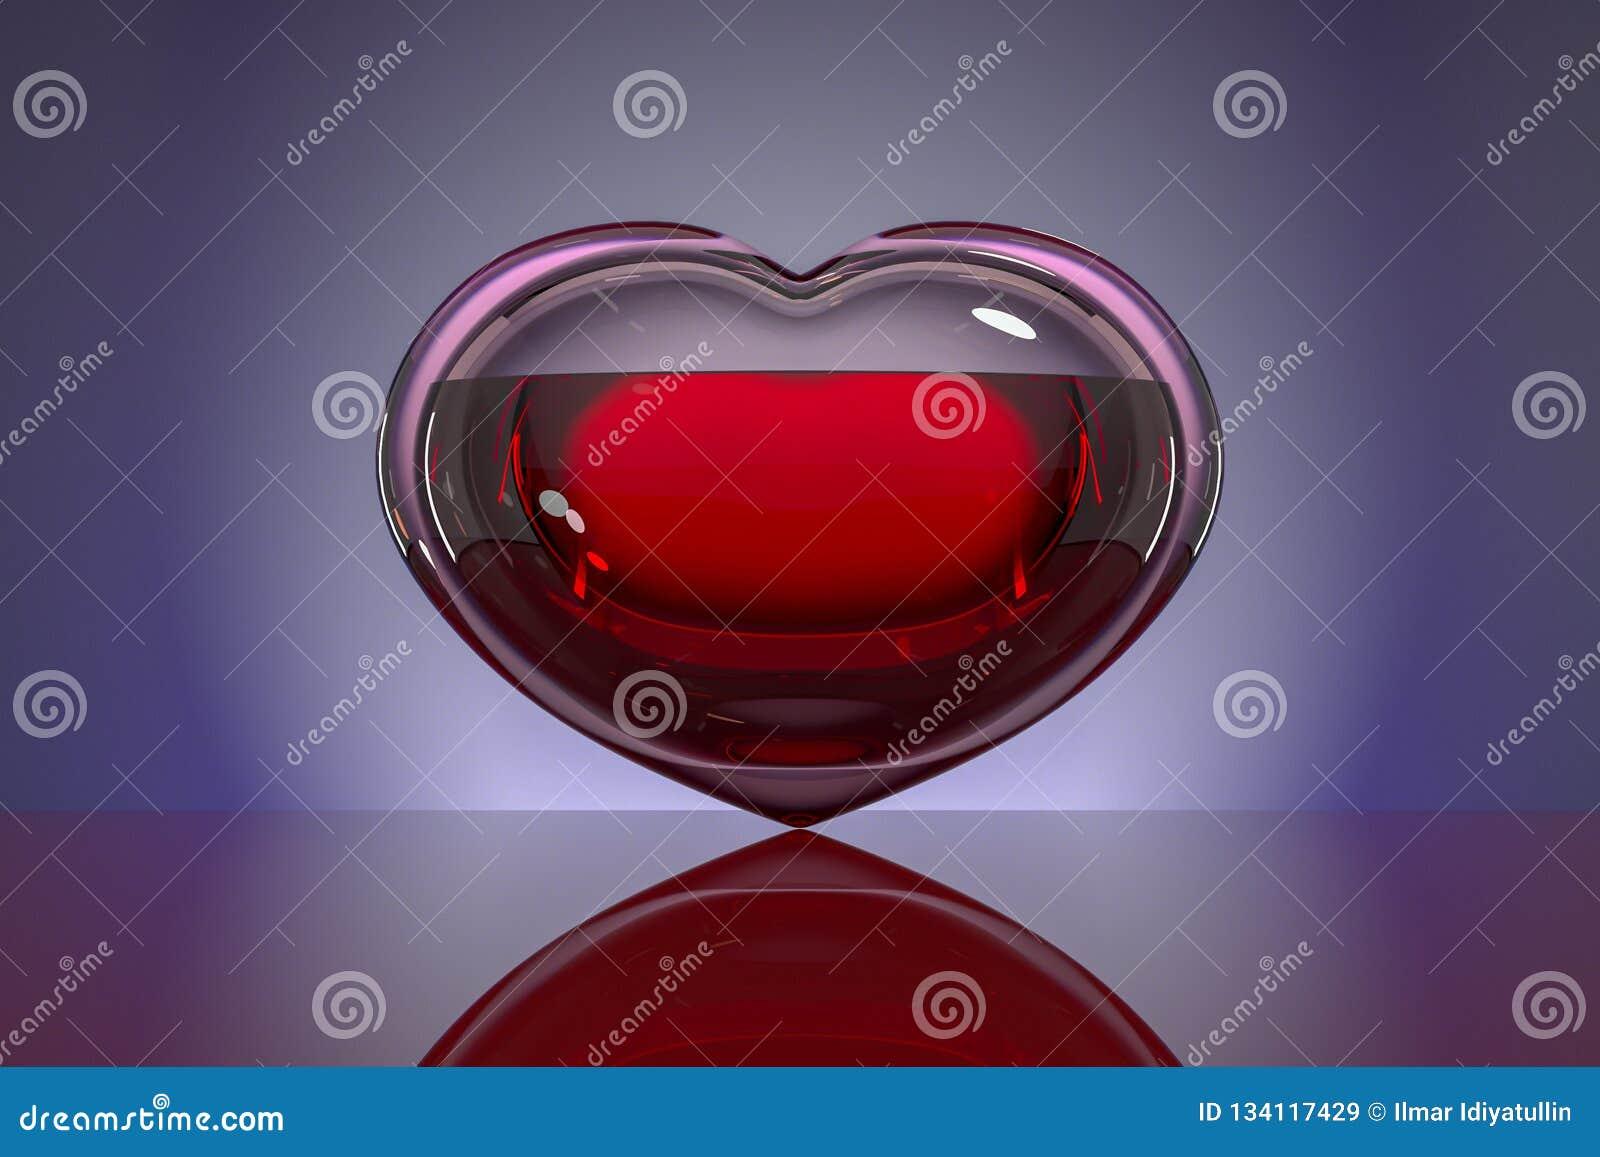 Сердце стекла, заполненное с кровью на темной предпосылке с отражением Концепция: надежда, донорство крови, жизнь, любовь